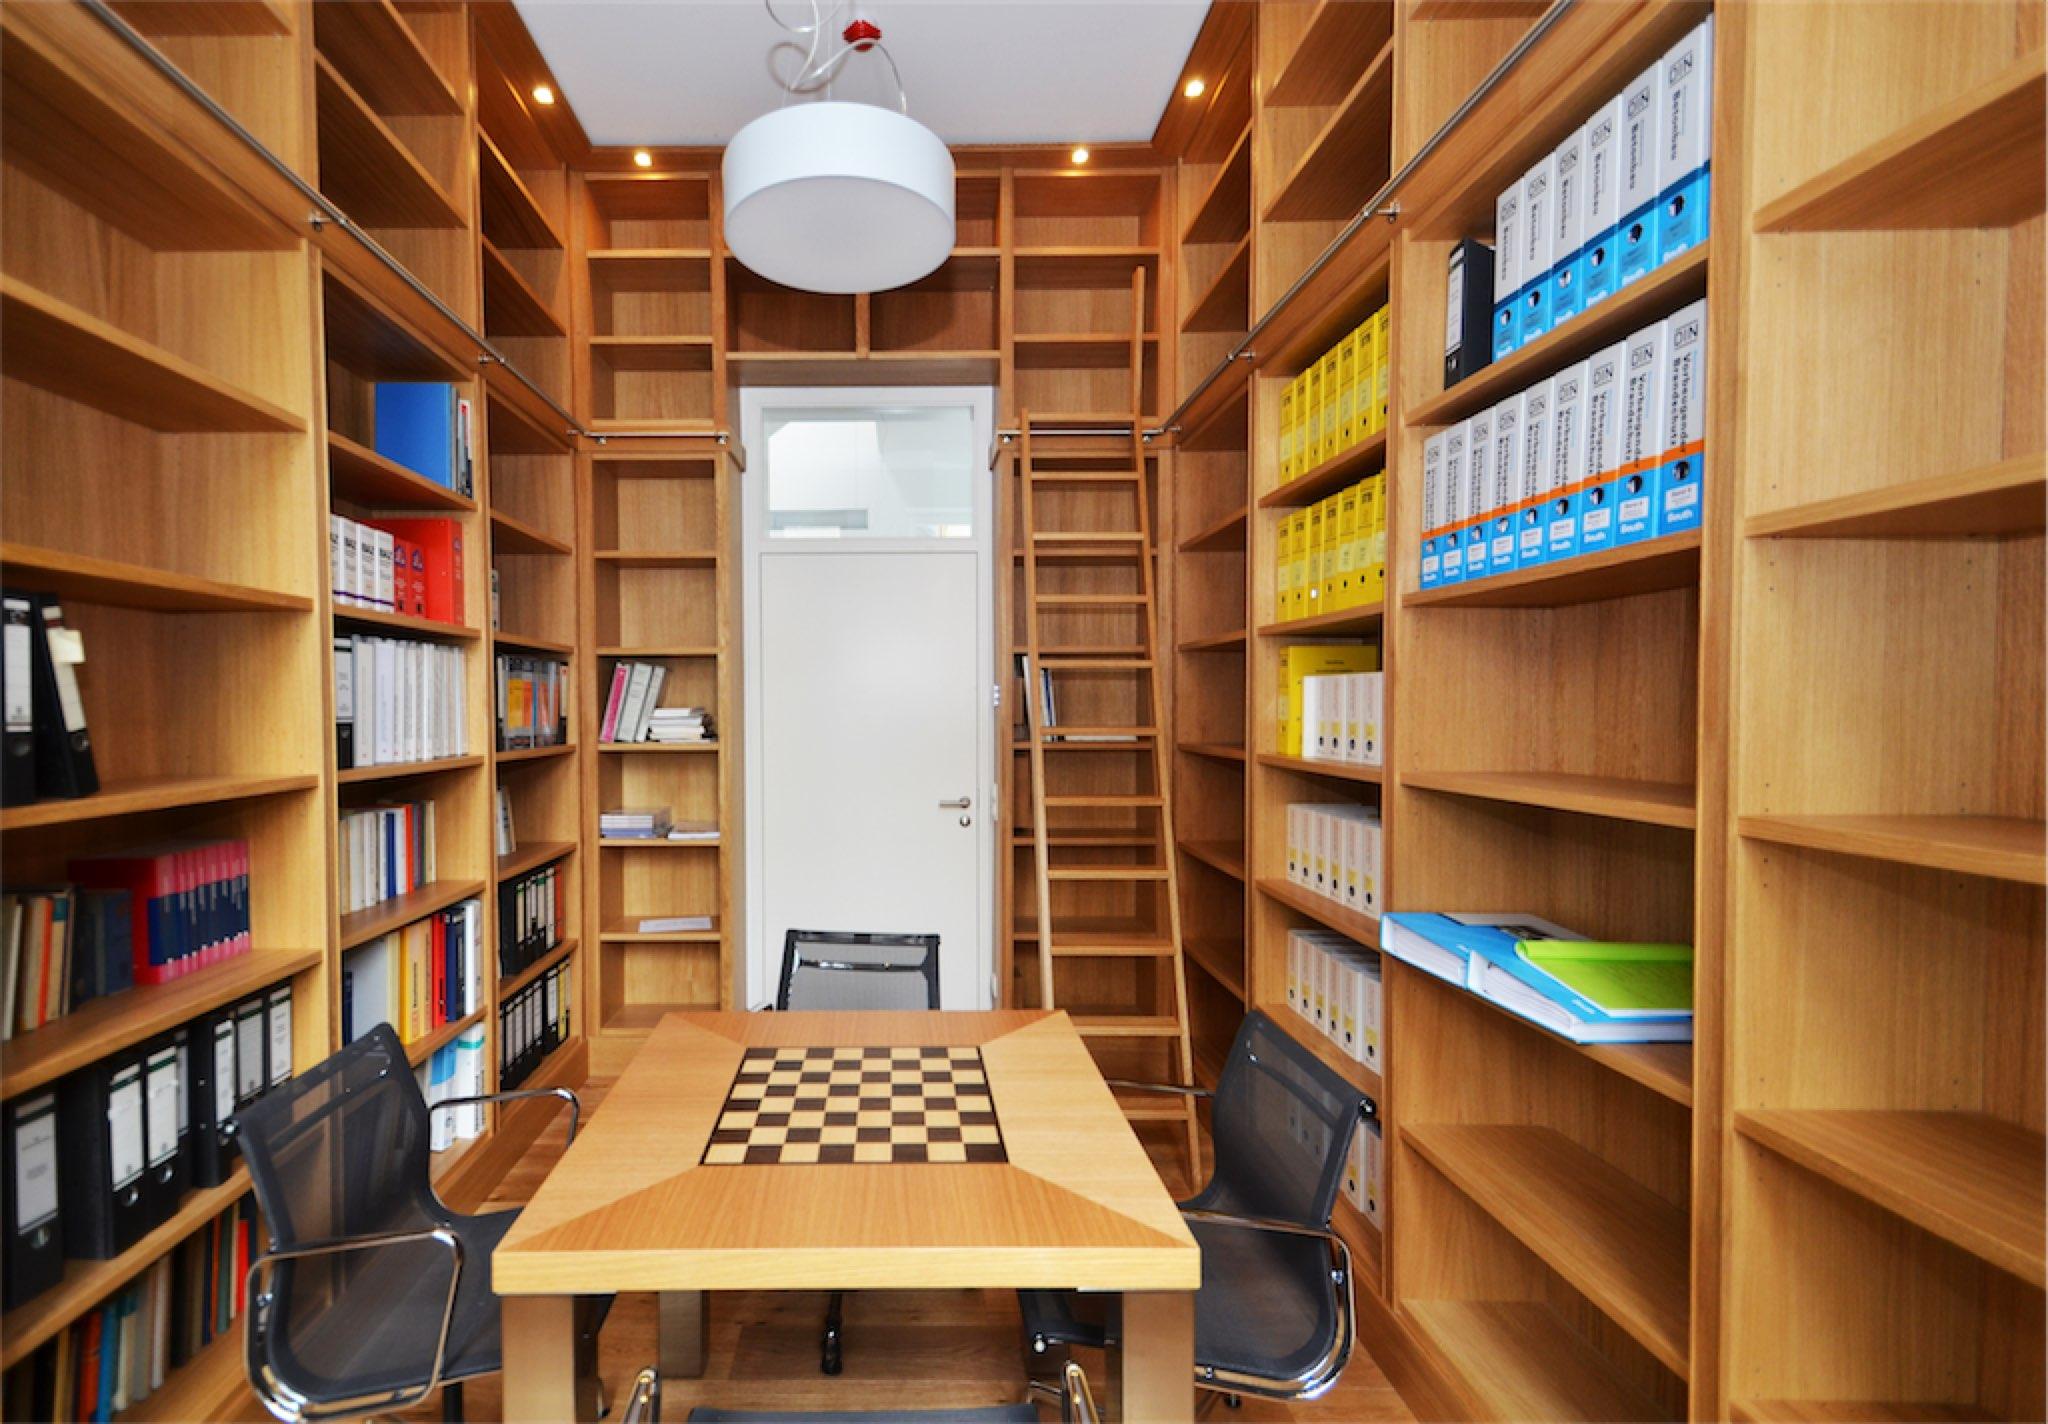 Bibliothek in Eiche